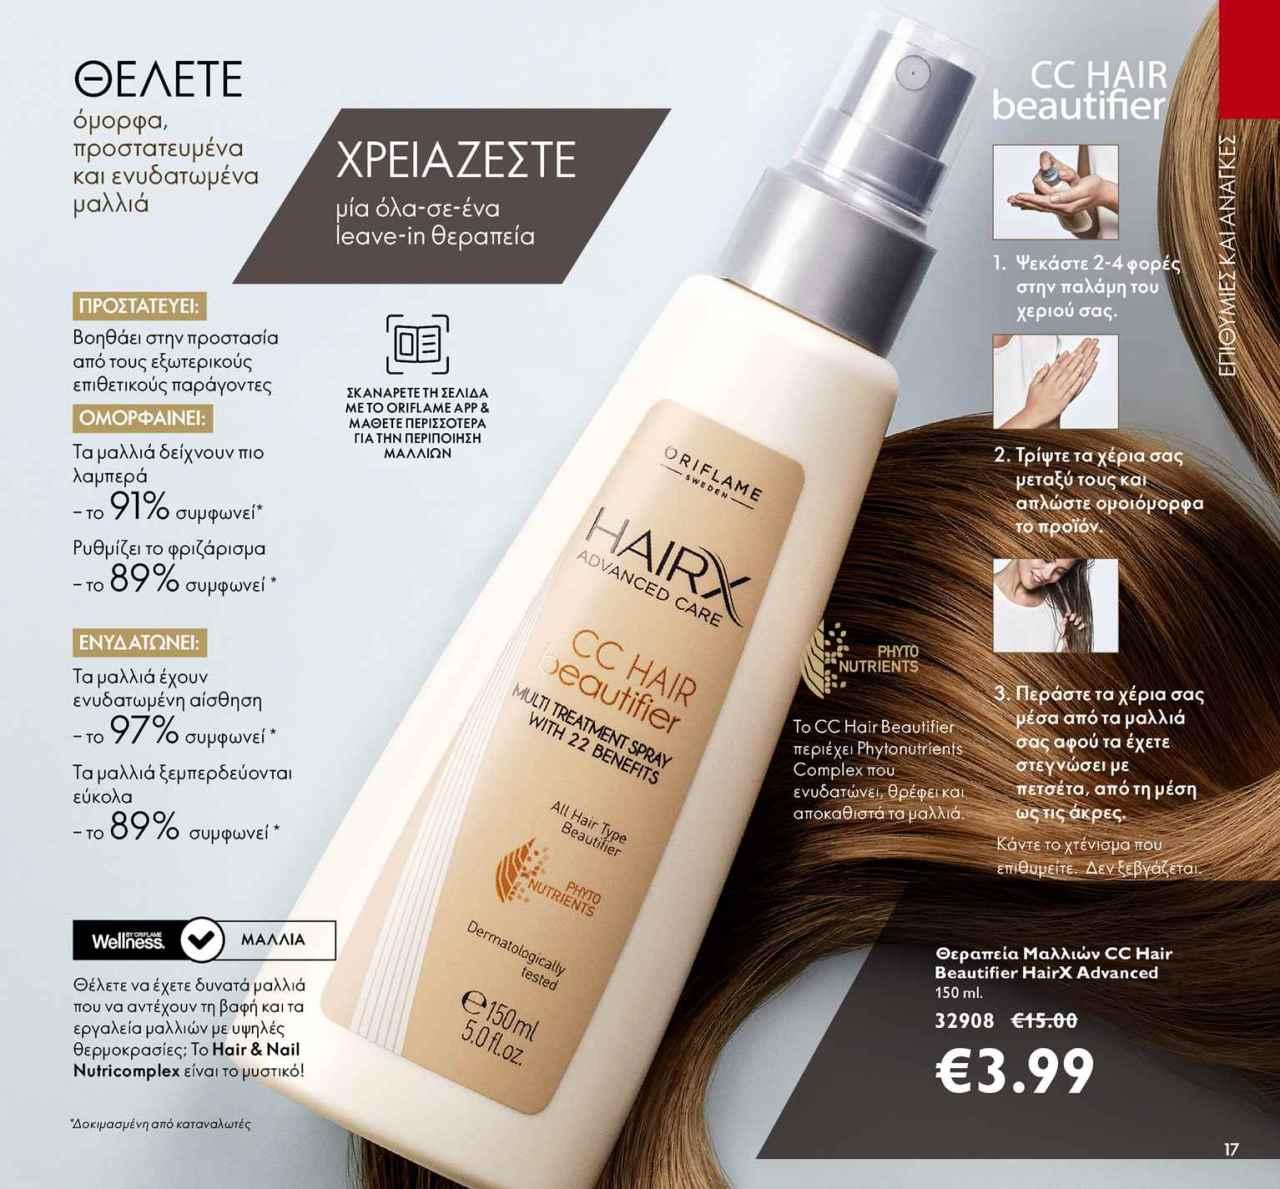 Θεραπεία Μαλλιών CC Hair Beautifier HairX Advanced 3,99€